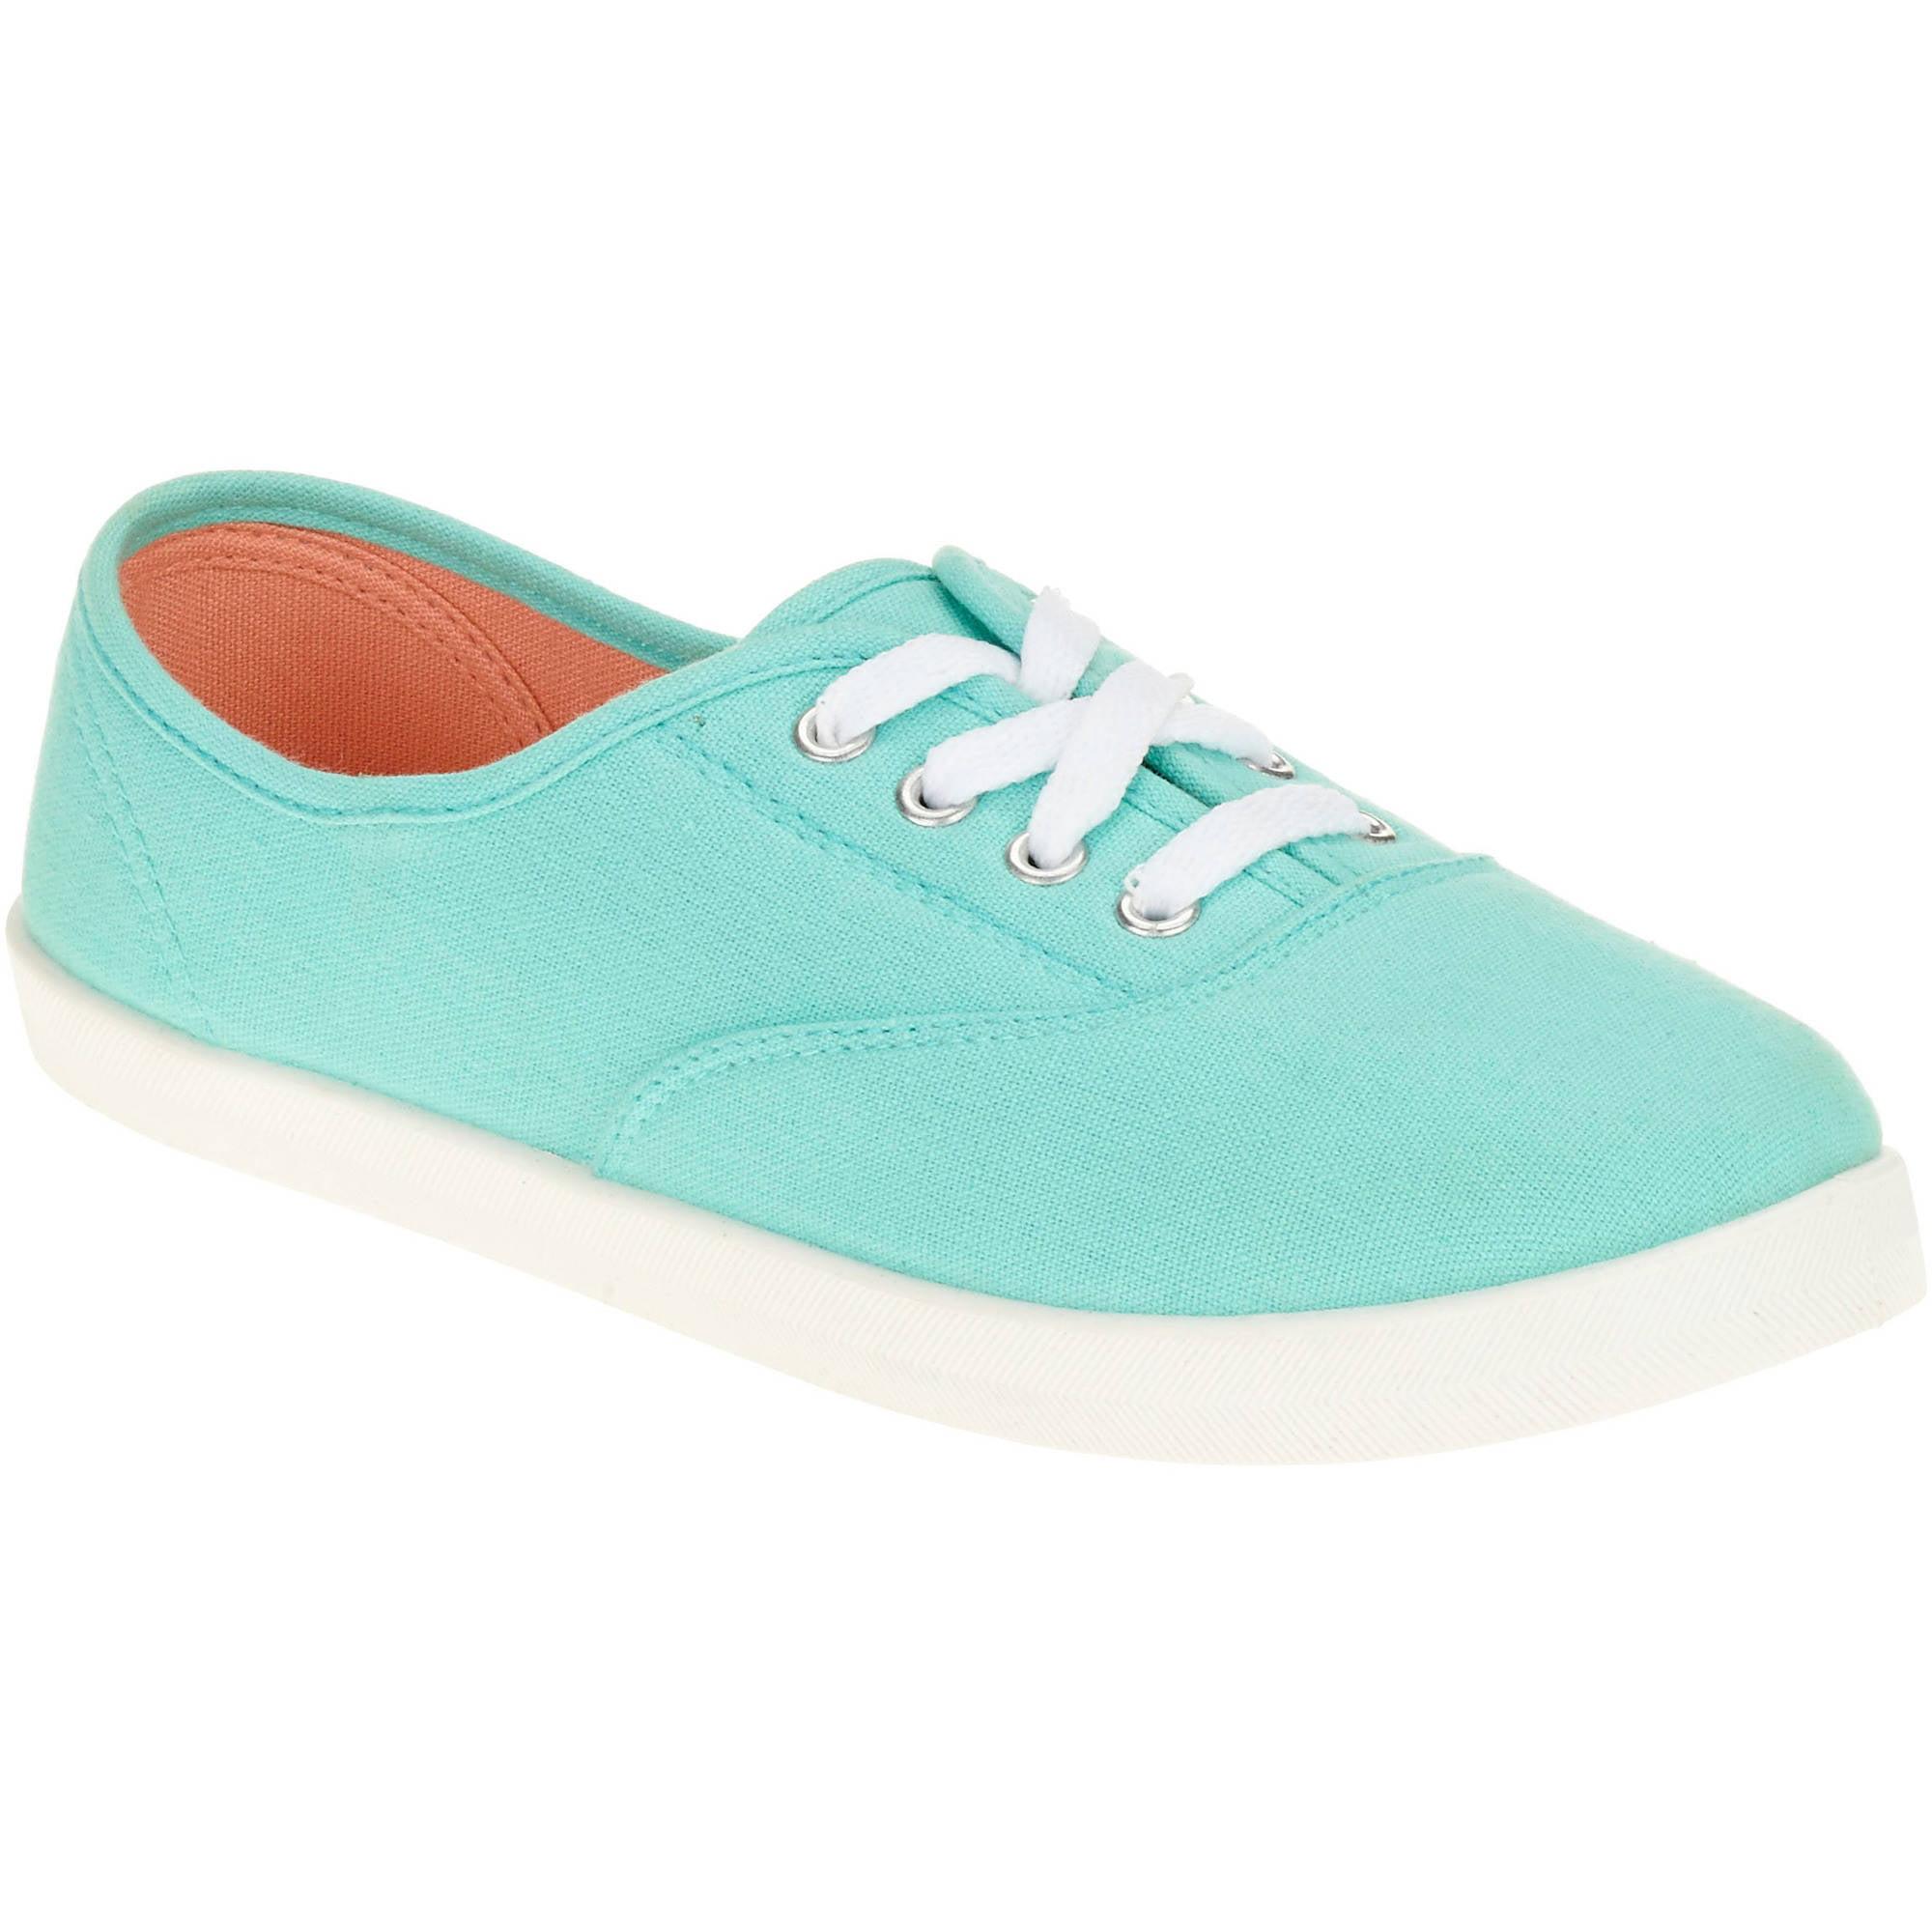 Wide Width Lady Sneakers - Walmart.com